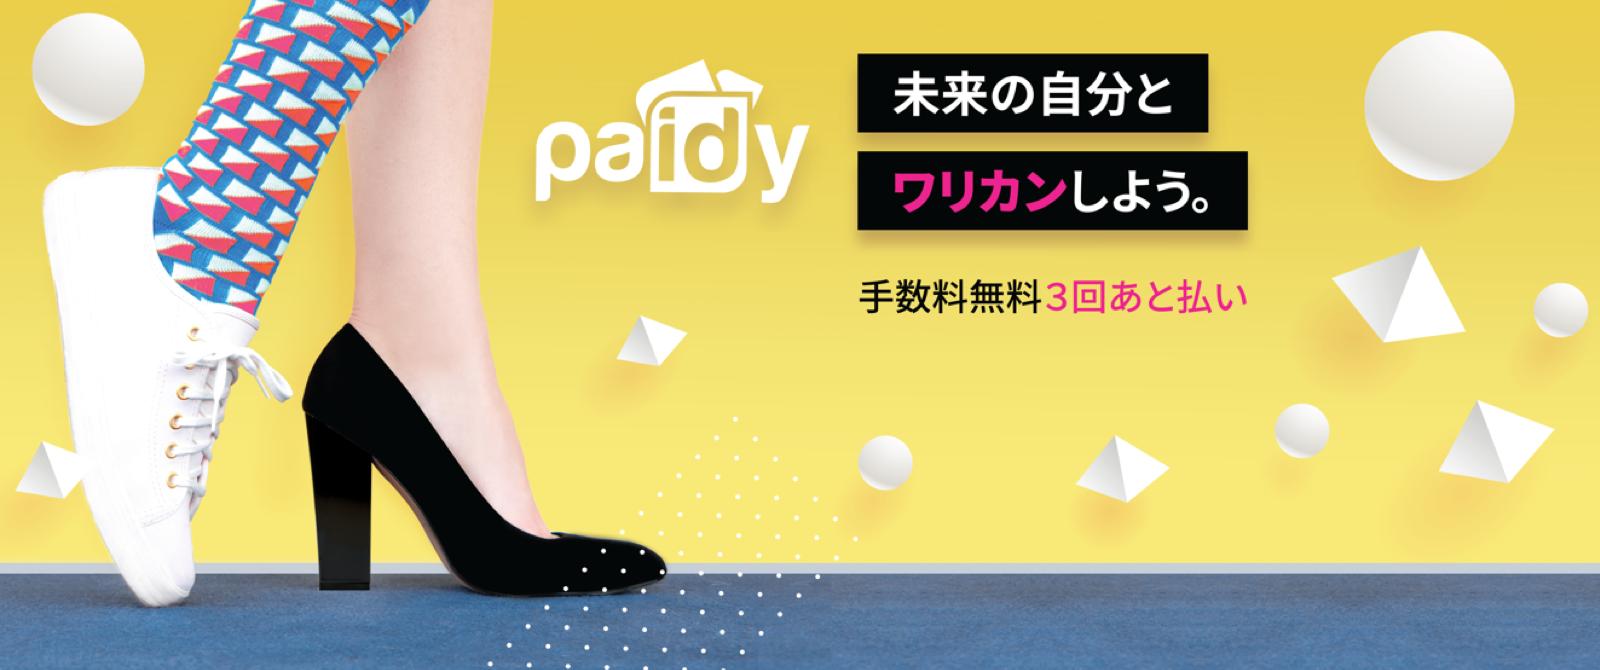 未来の自分とワリカンしよう!Paidy、日本初・分割手数料なしの「3回あと払い」サービスを提供開始